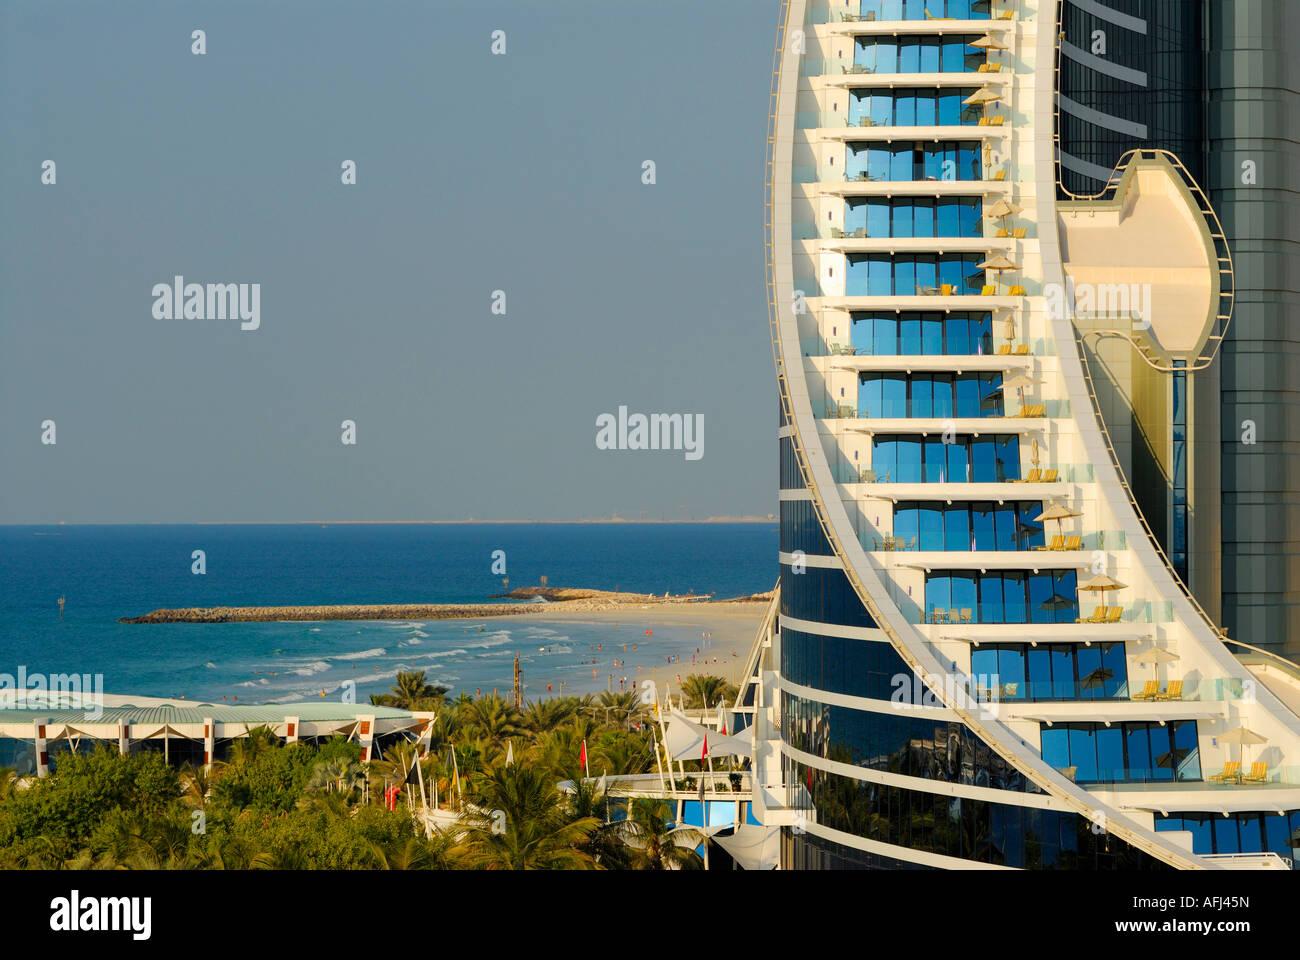 Zimmer mit Balkon, Jumeirah Beach Hotel, Dubai, Vereinigte Arabische Emirate Stockbild